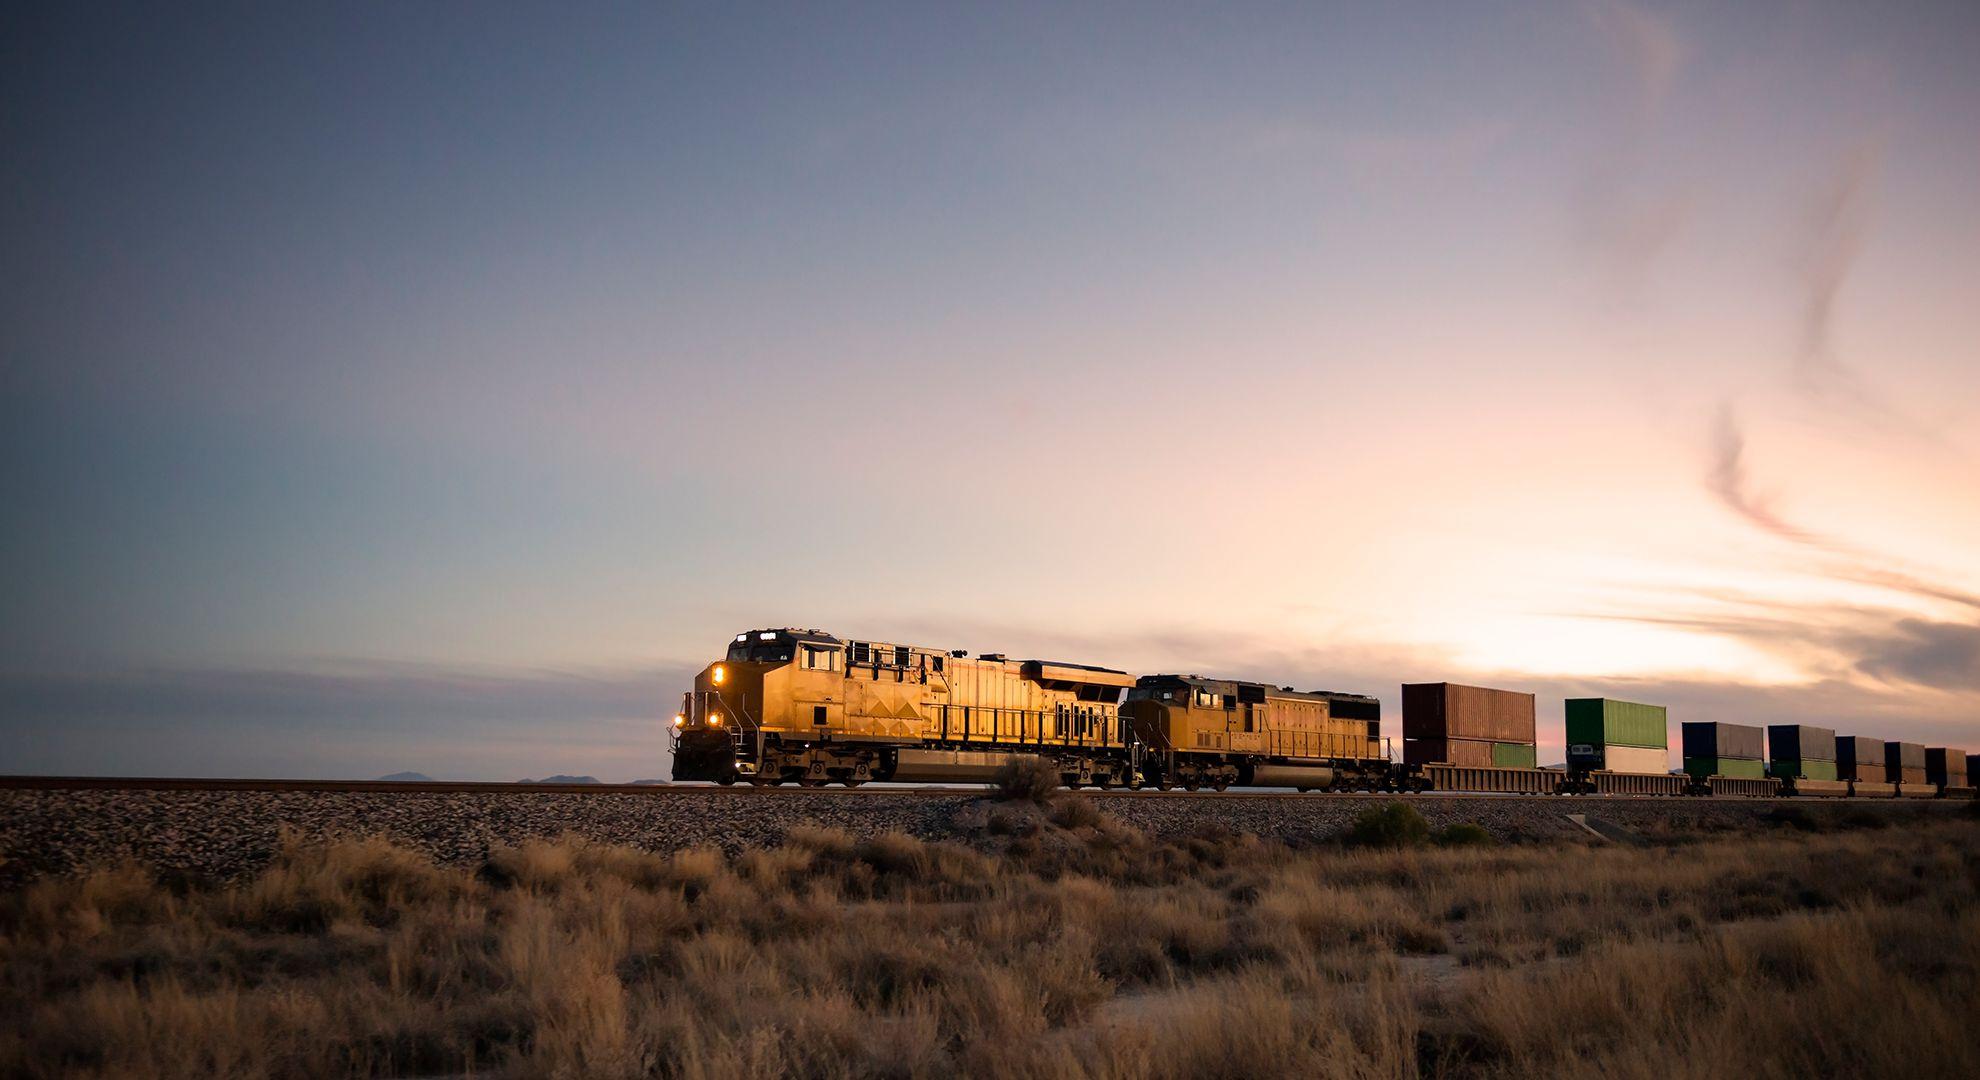 Sliderbild Diesellokomotive